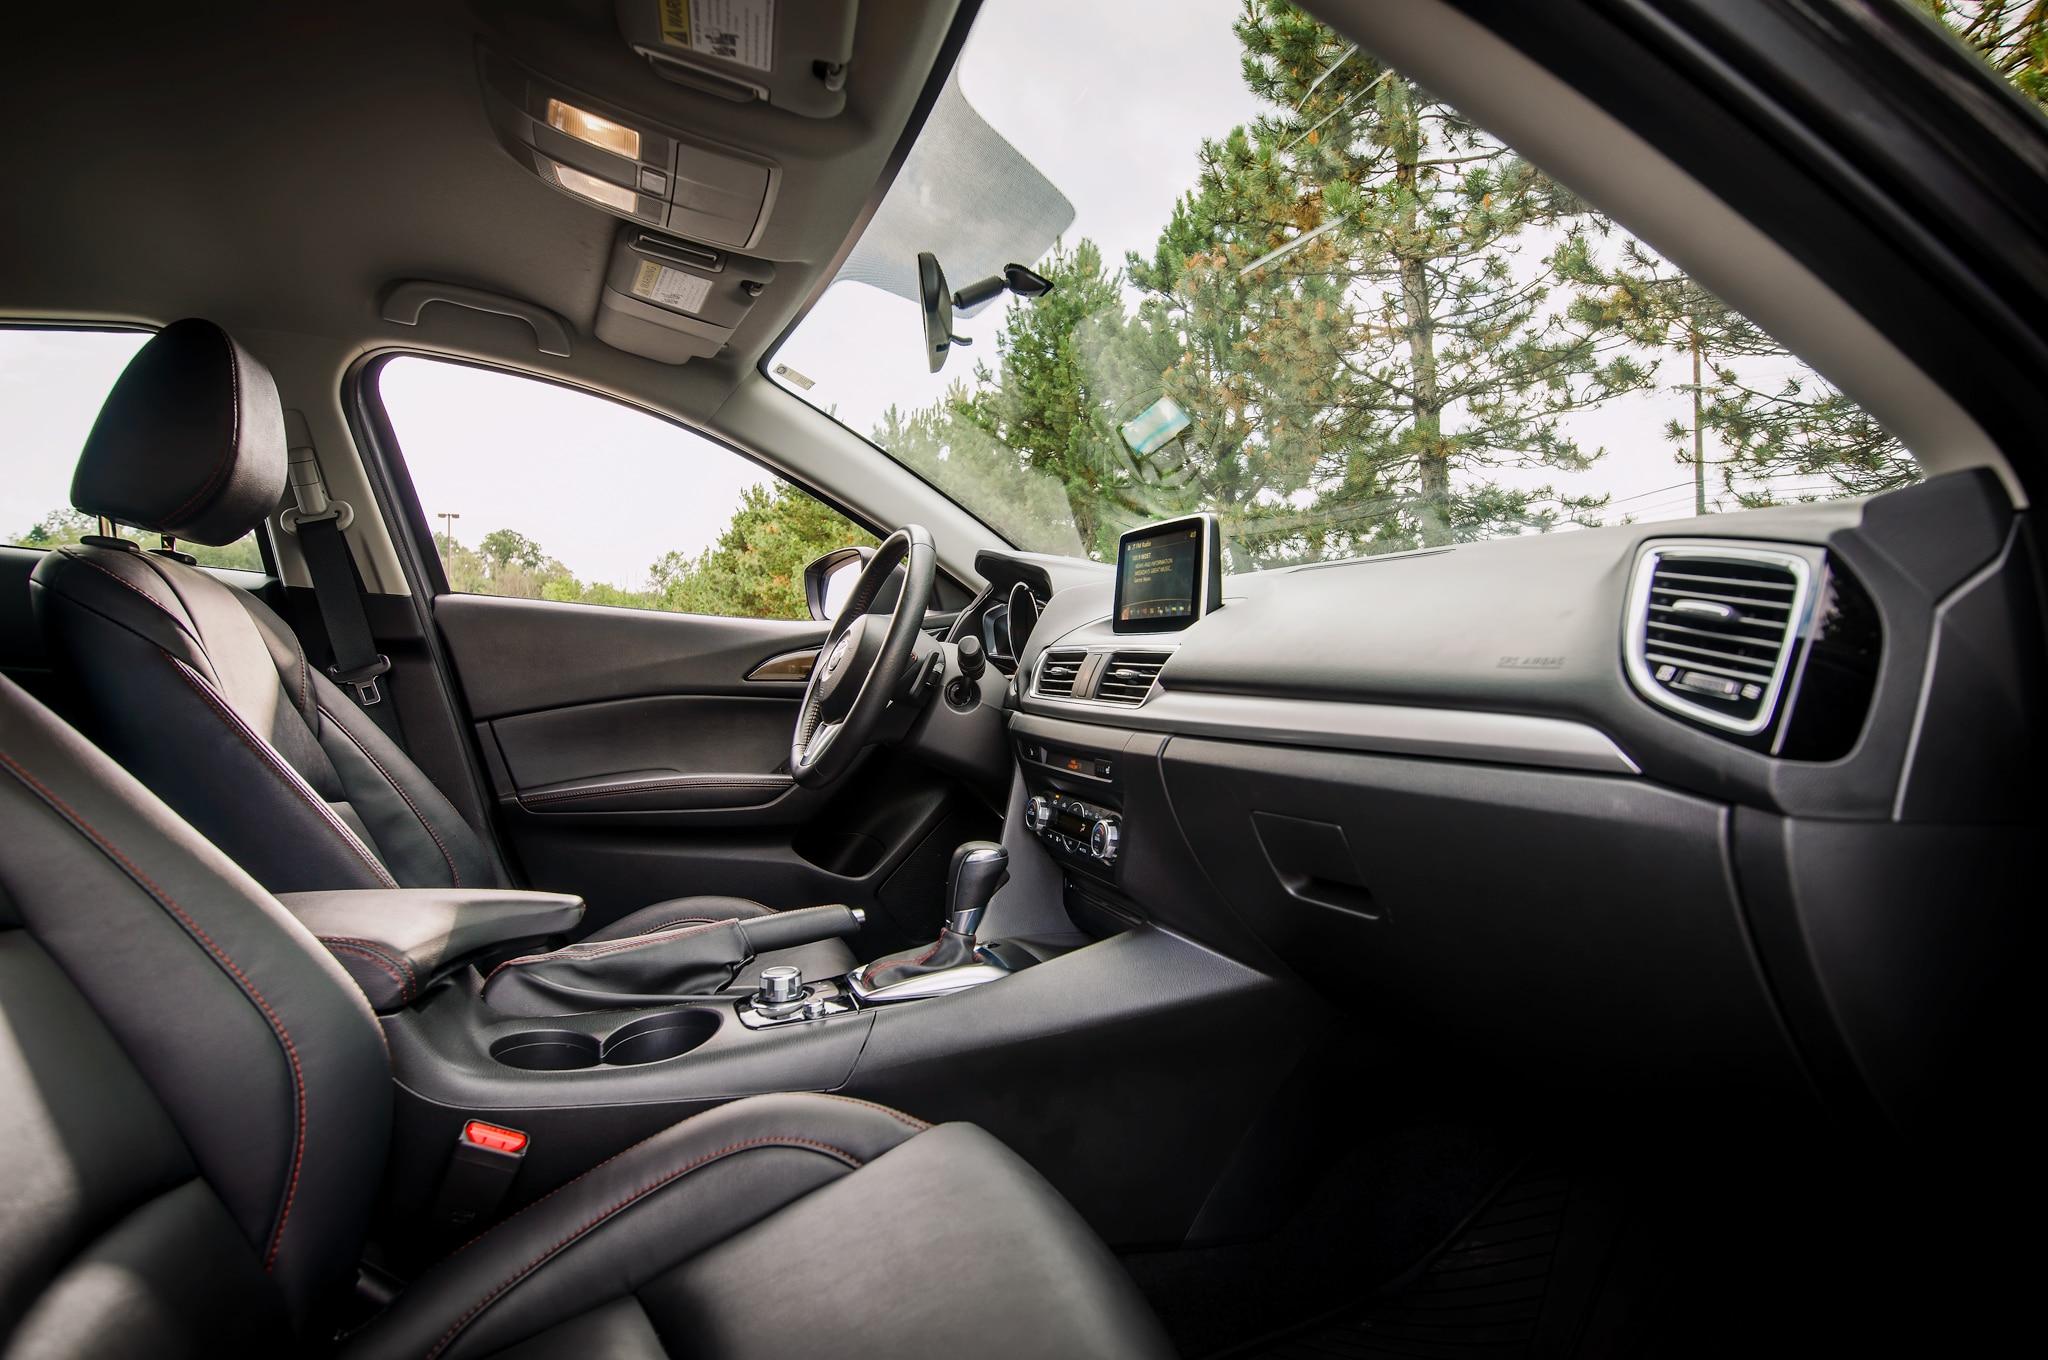 2014 Mazda 3 S Touring - Four Seasons Wrap-Up